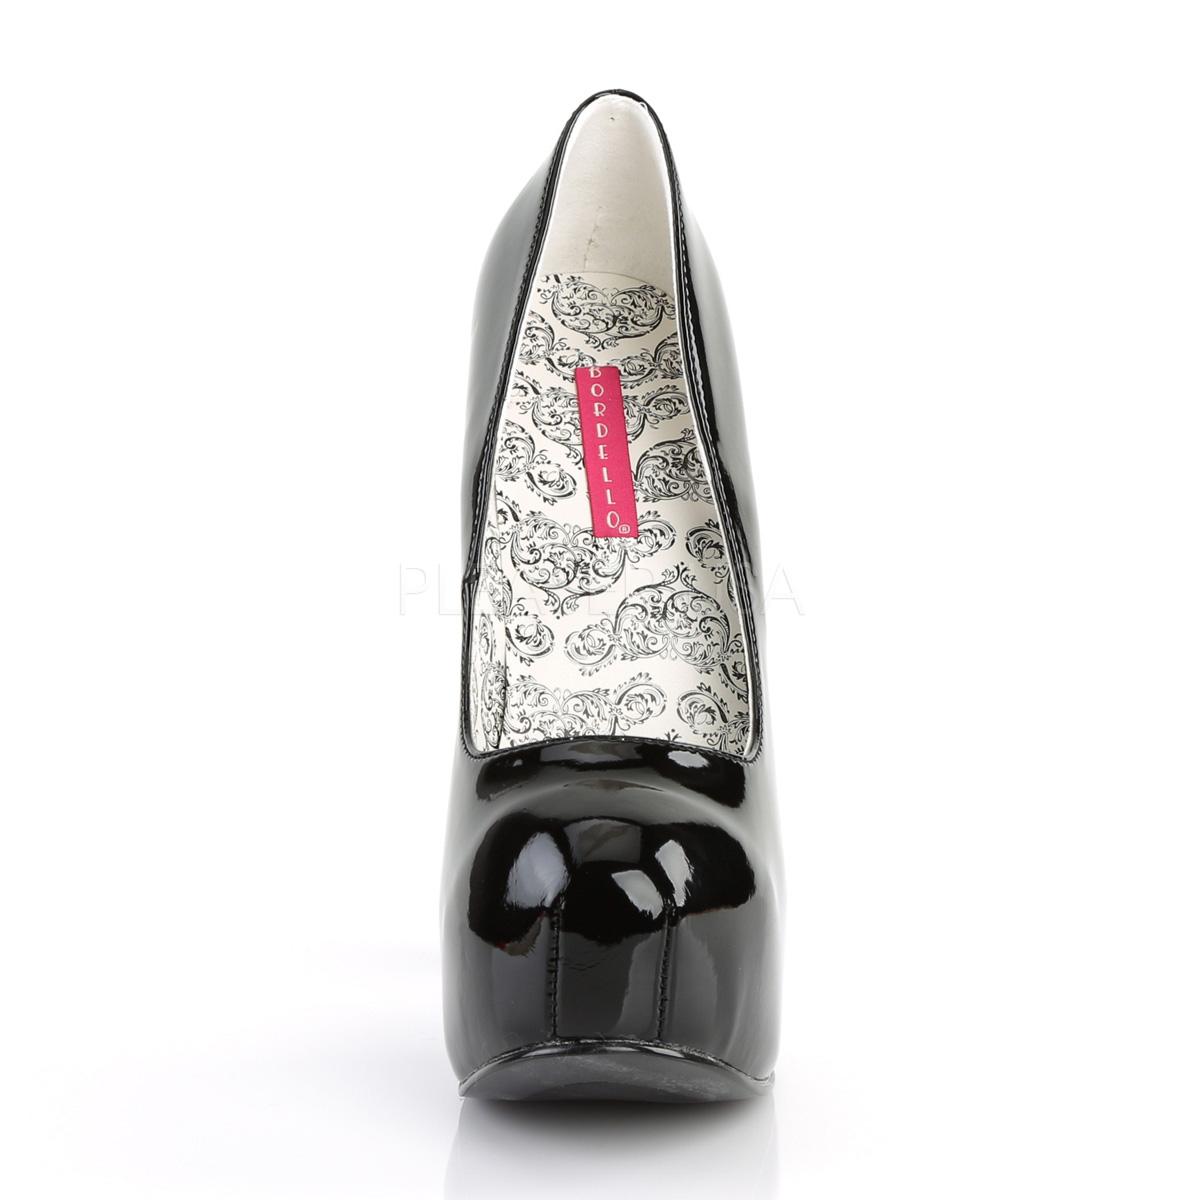 BORDELLO 厚底パンプス TEEZE-06 ブラック(エナメル)黒 PLEASER◆取り寄せ